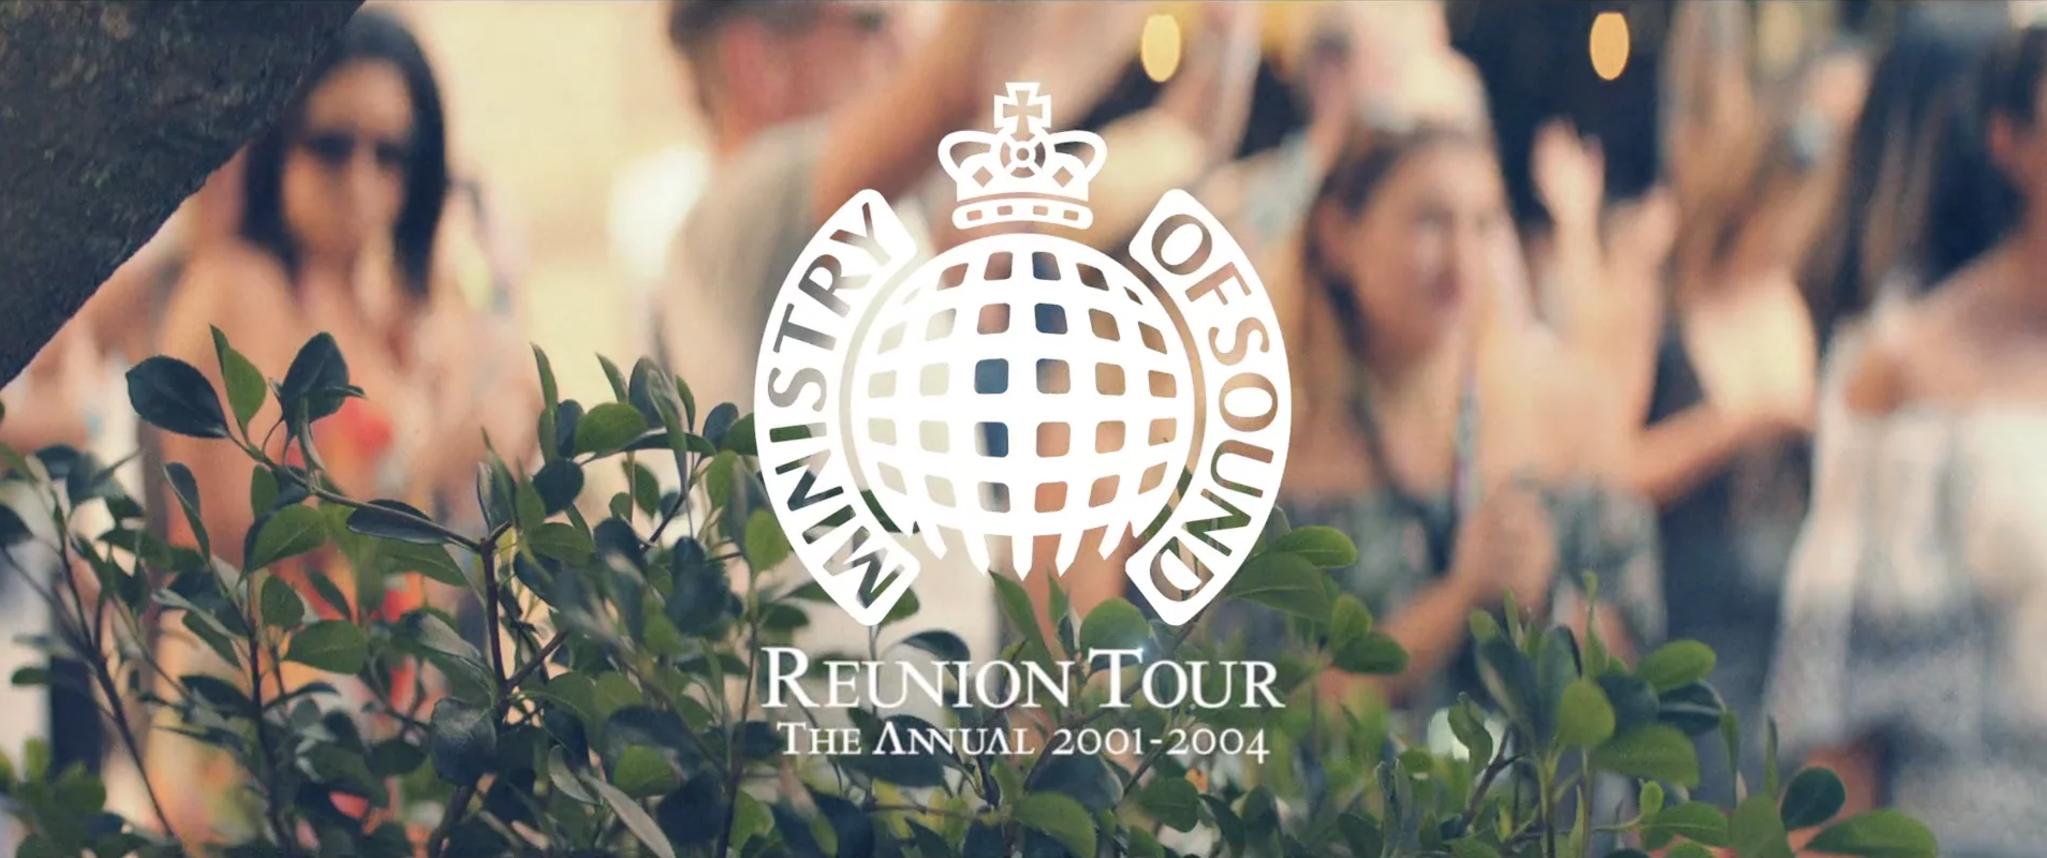 REUNION TOUR 01-04